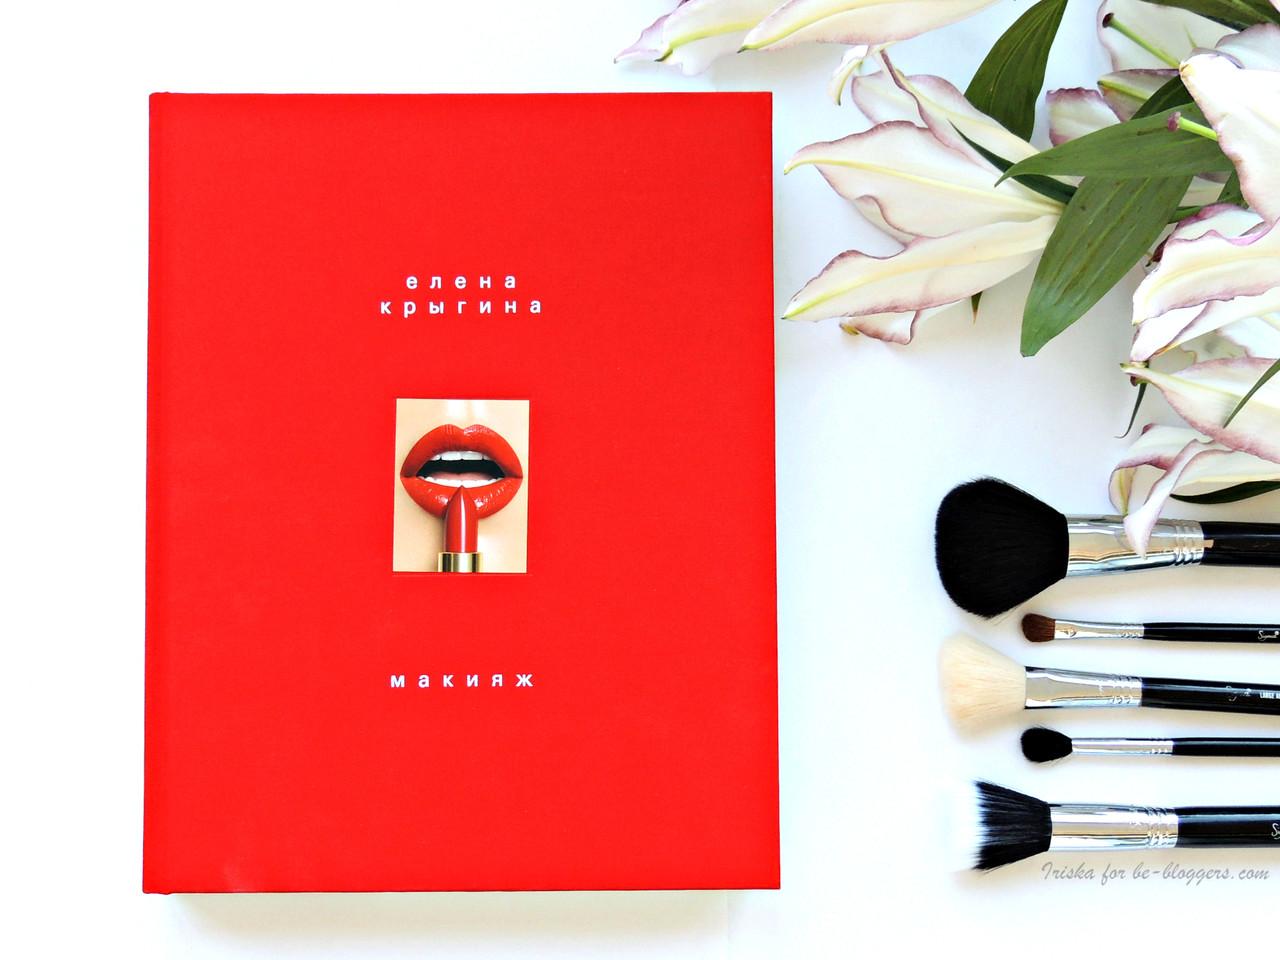 Елена крыгина книга макияж цена